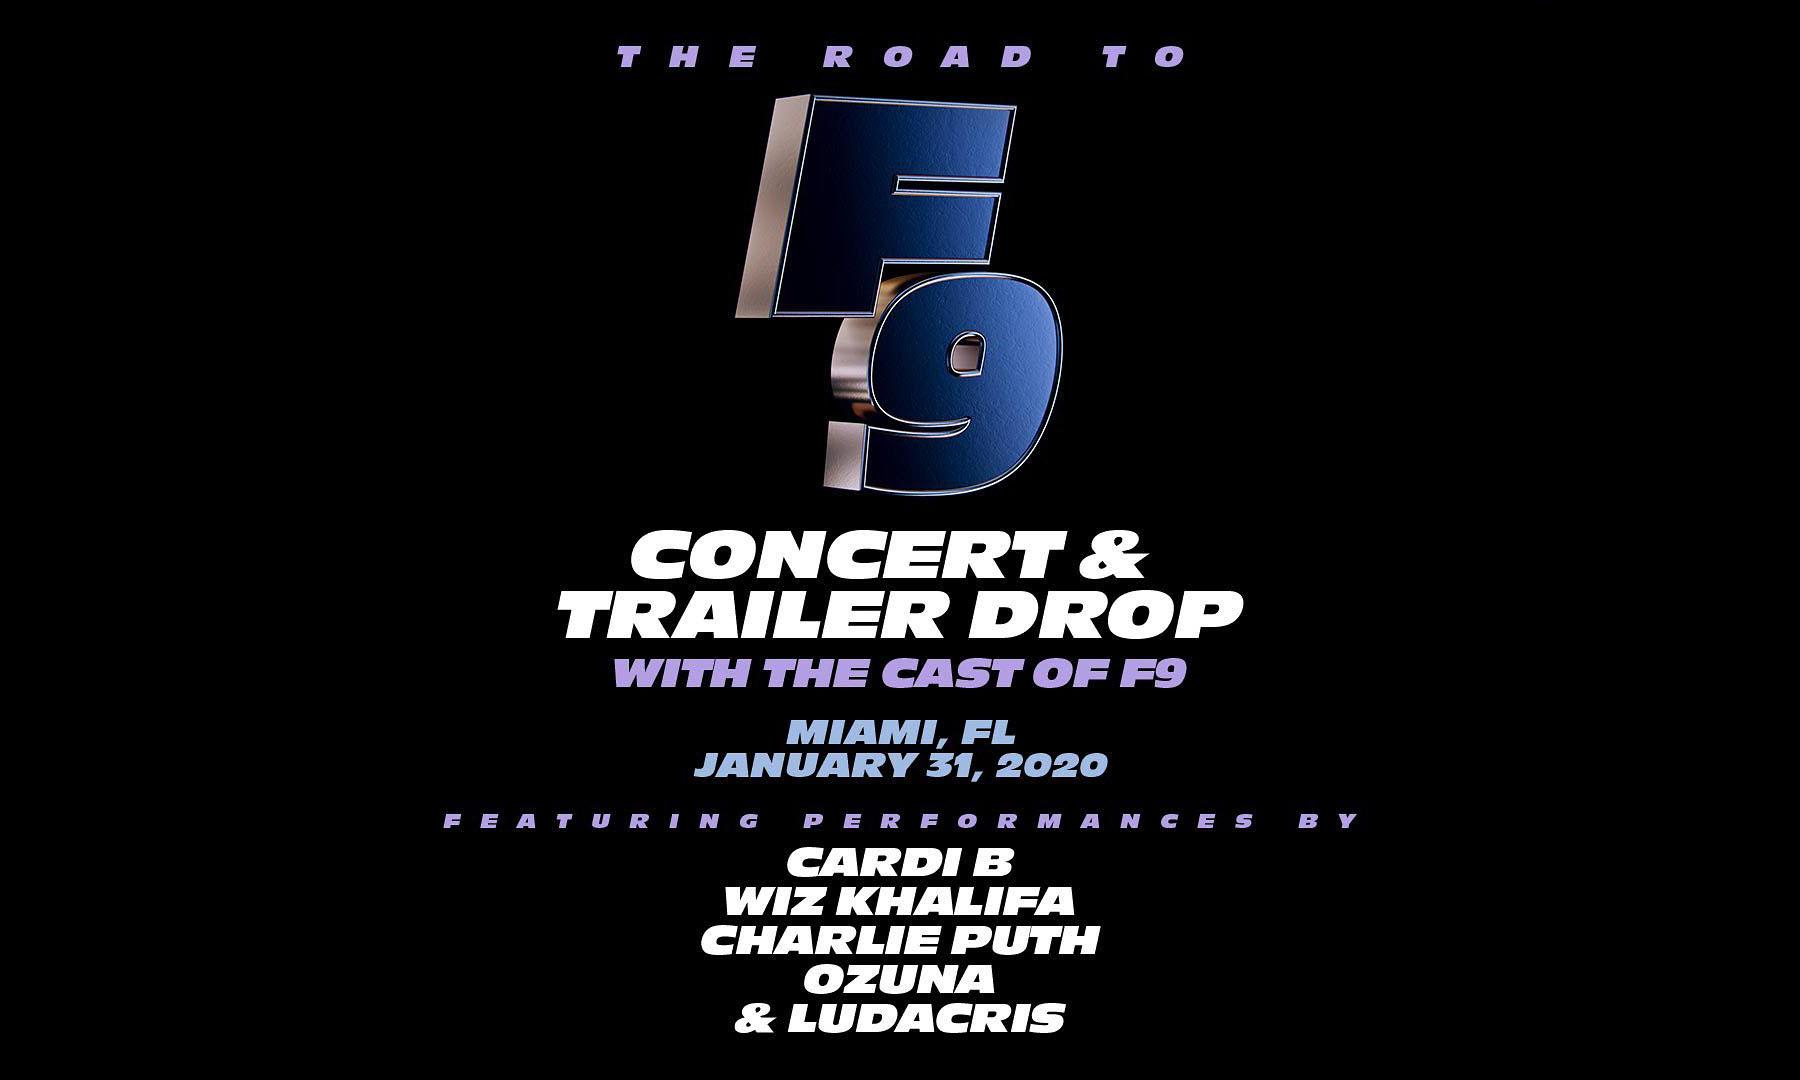 《速度与激情 9》将于 1 月 31 日举办演唱会